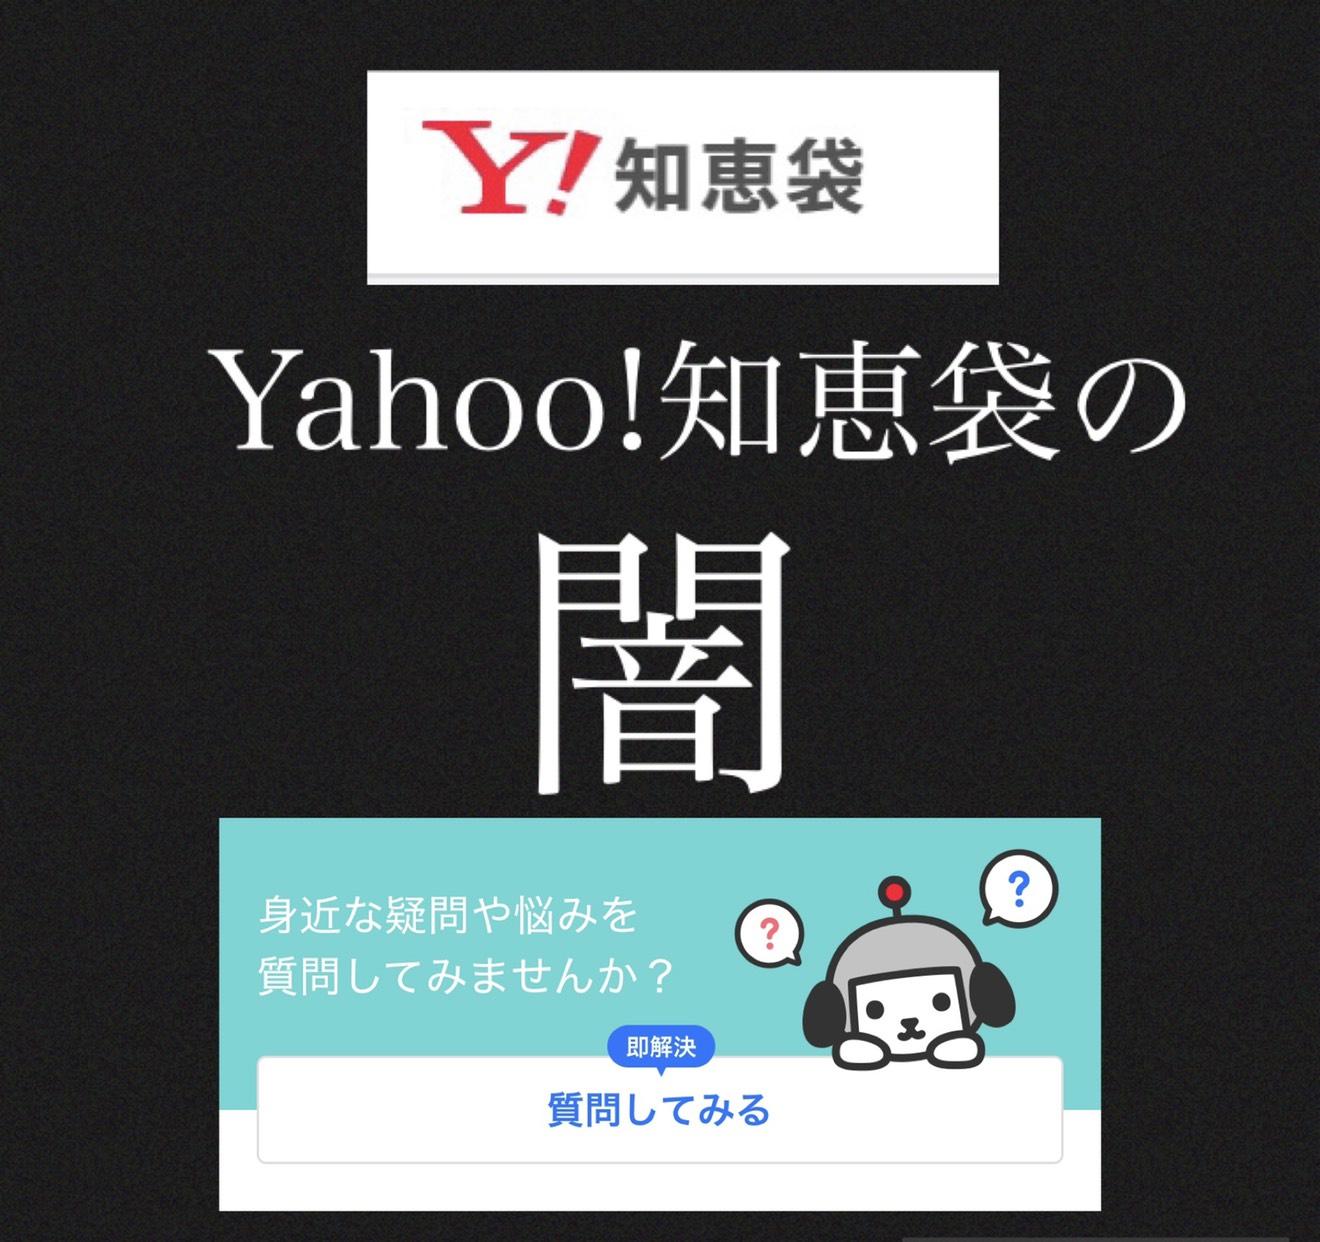 #26 ゲイと女と「Yahoo!知恵袋の闇」【満たされない】初ゲストO氏【承認欲求】